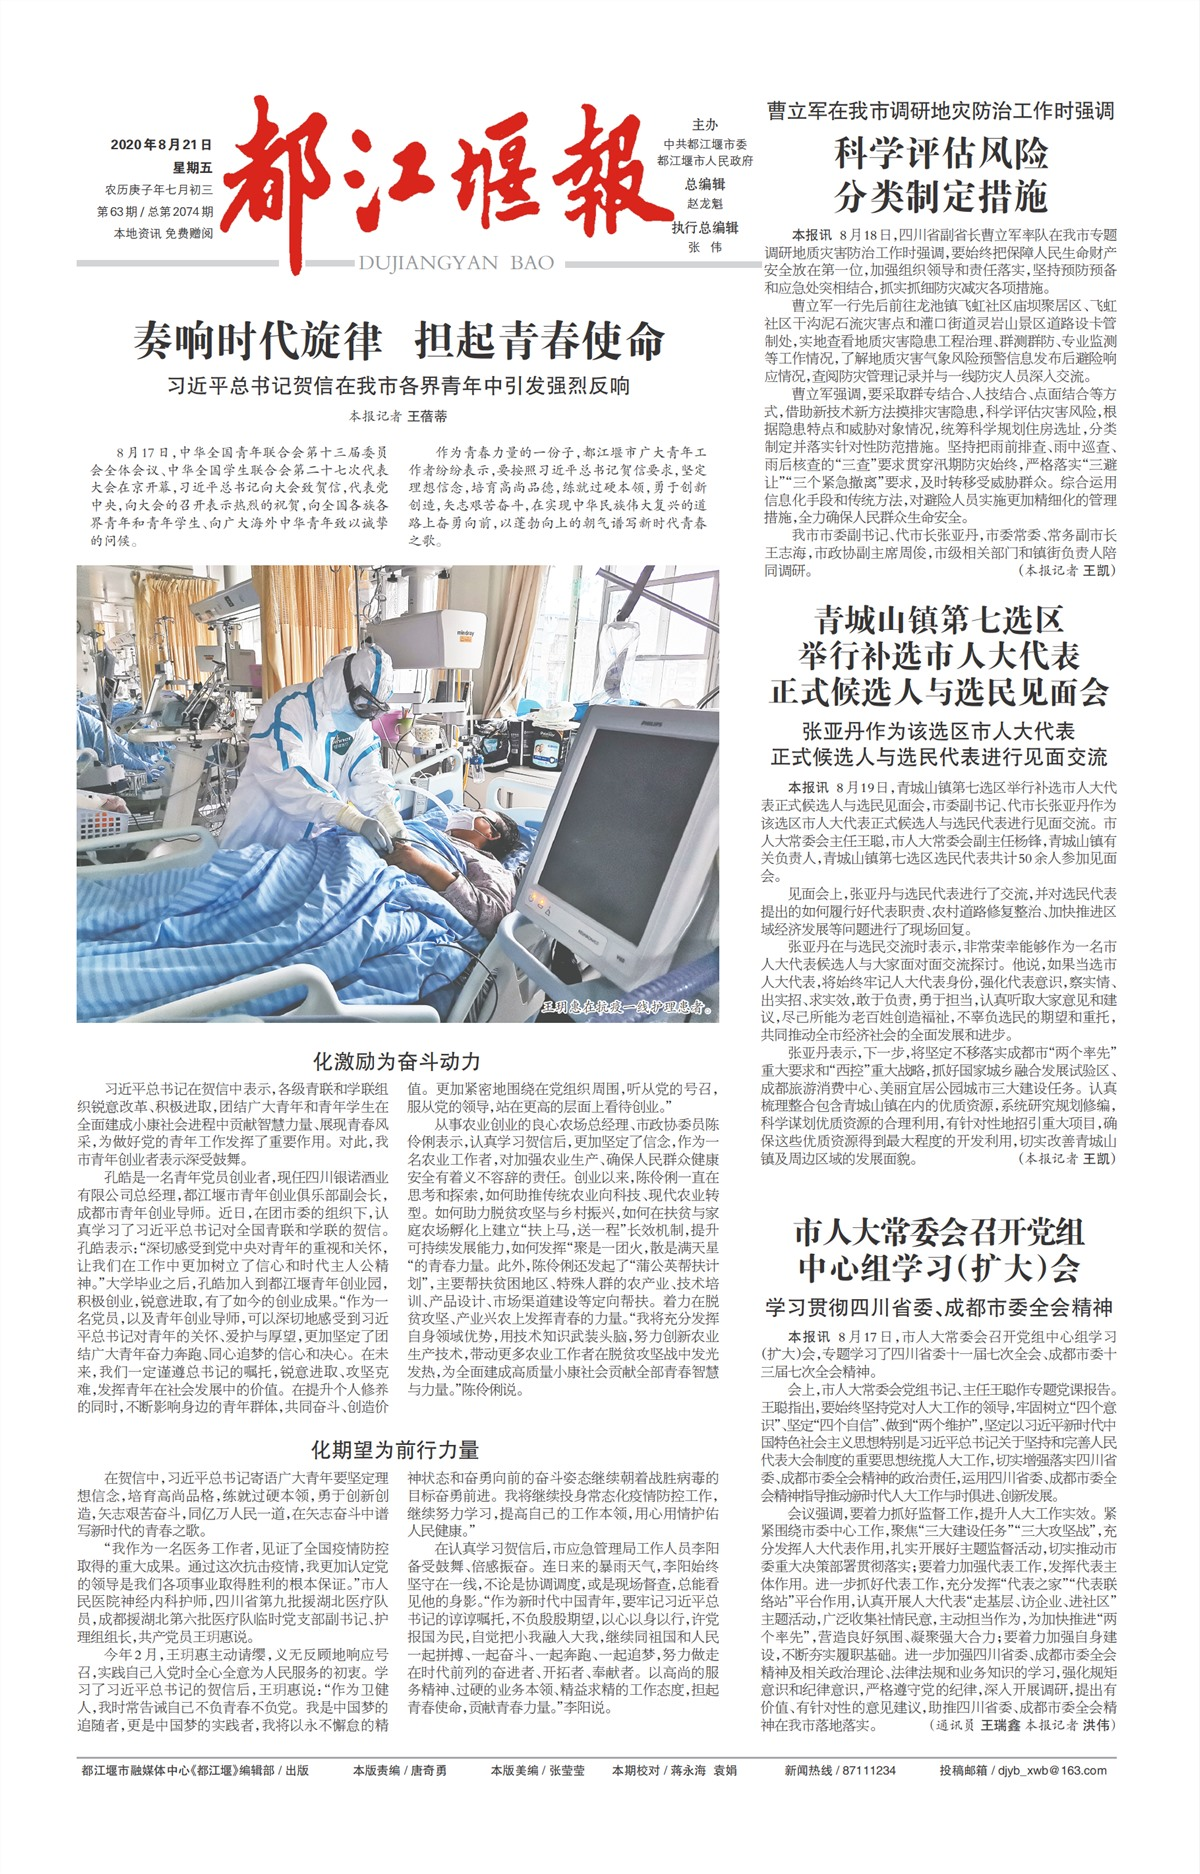 都江堰报时政要闻